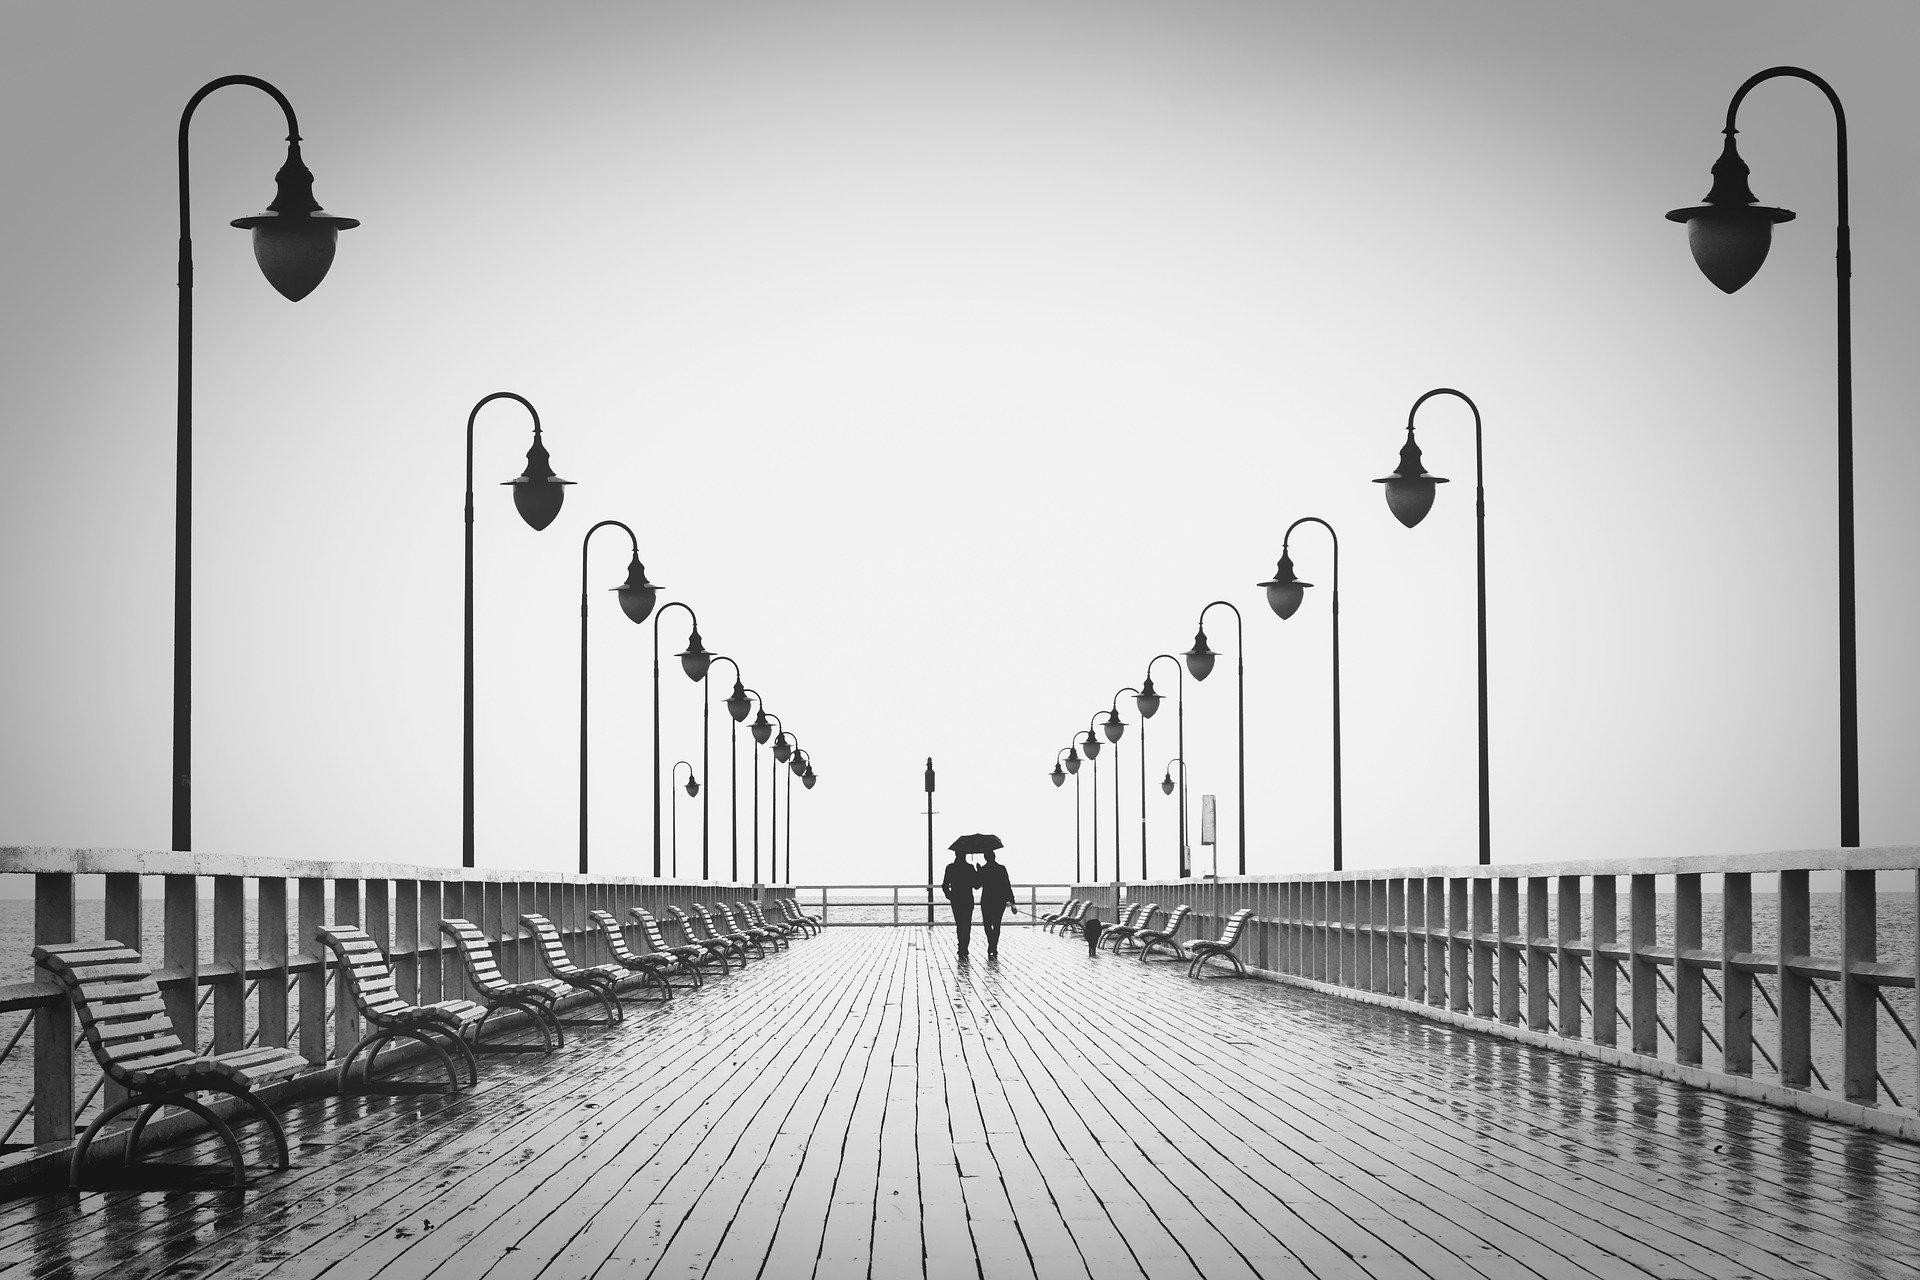 Couple Boardwalk Silhouettes Walk Walking Pier